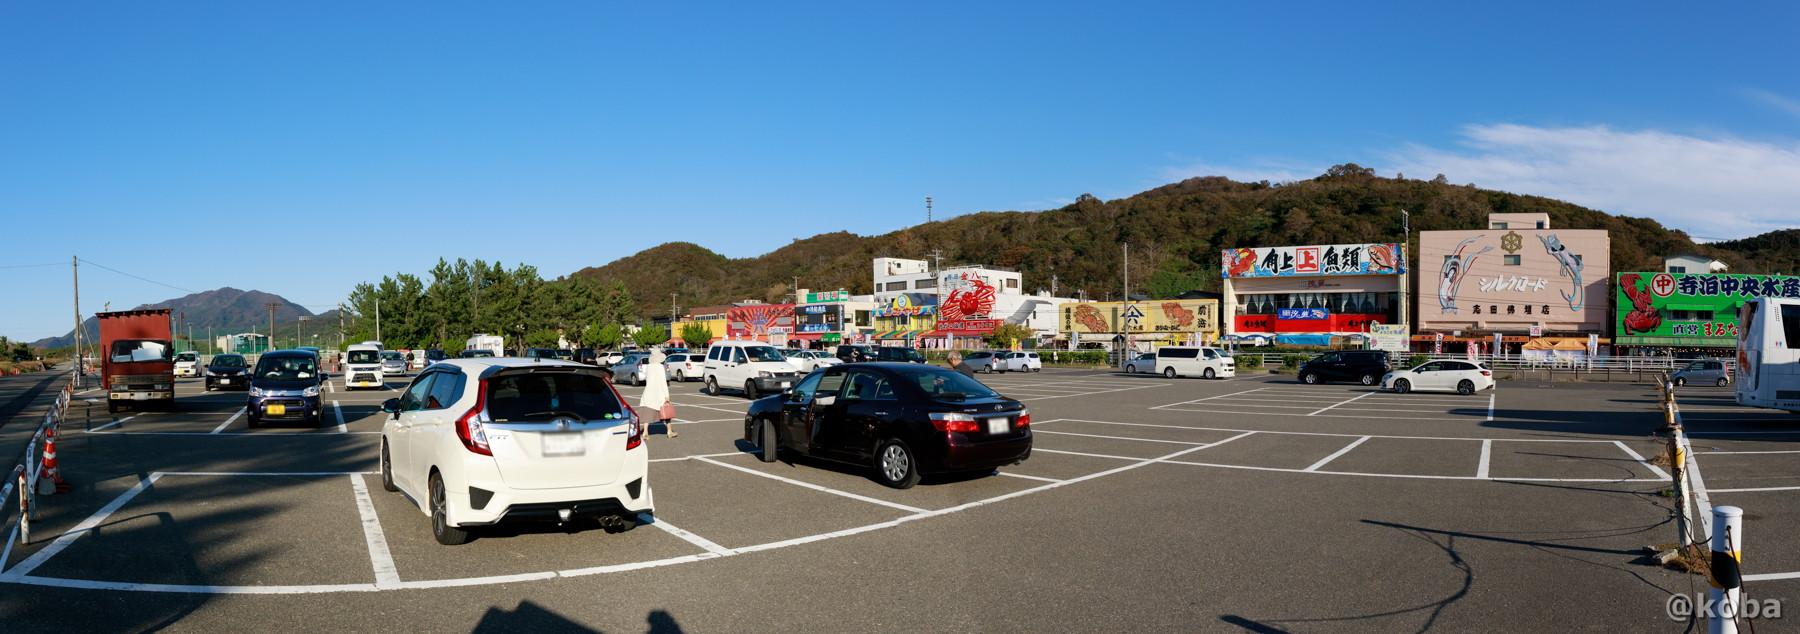 駐車場 パノラマの写真│寺泊魚の市場通り 魚のアメ横(てらどまりさかなのいちばどおり さかなのあめよこ)